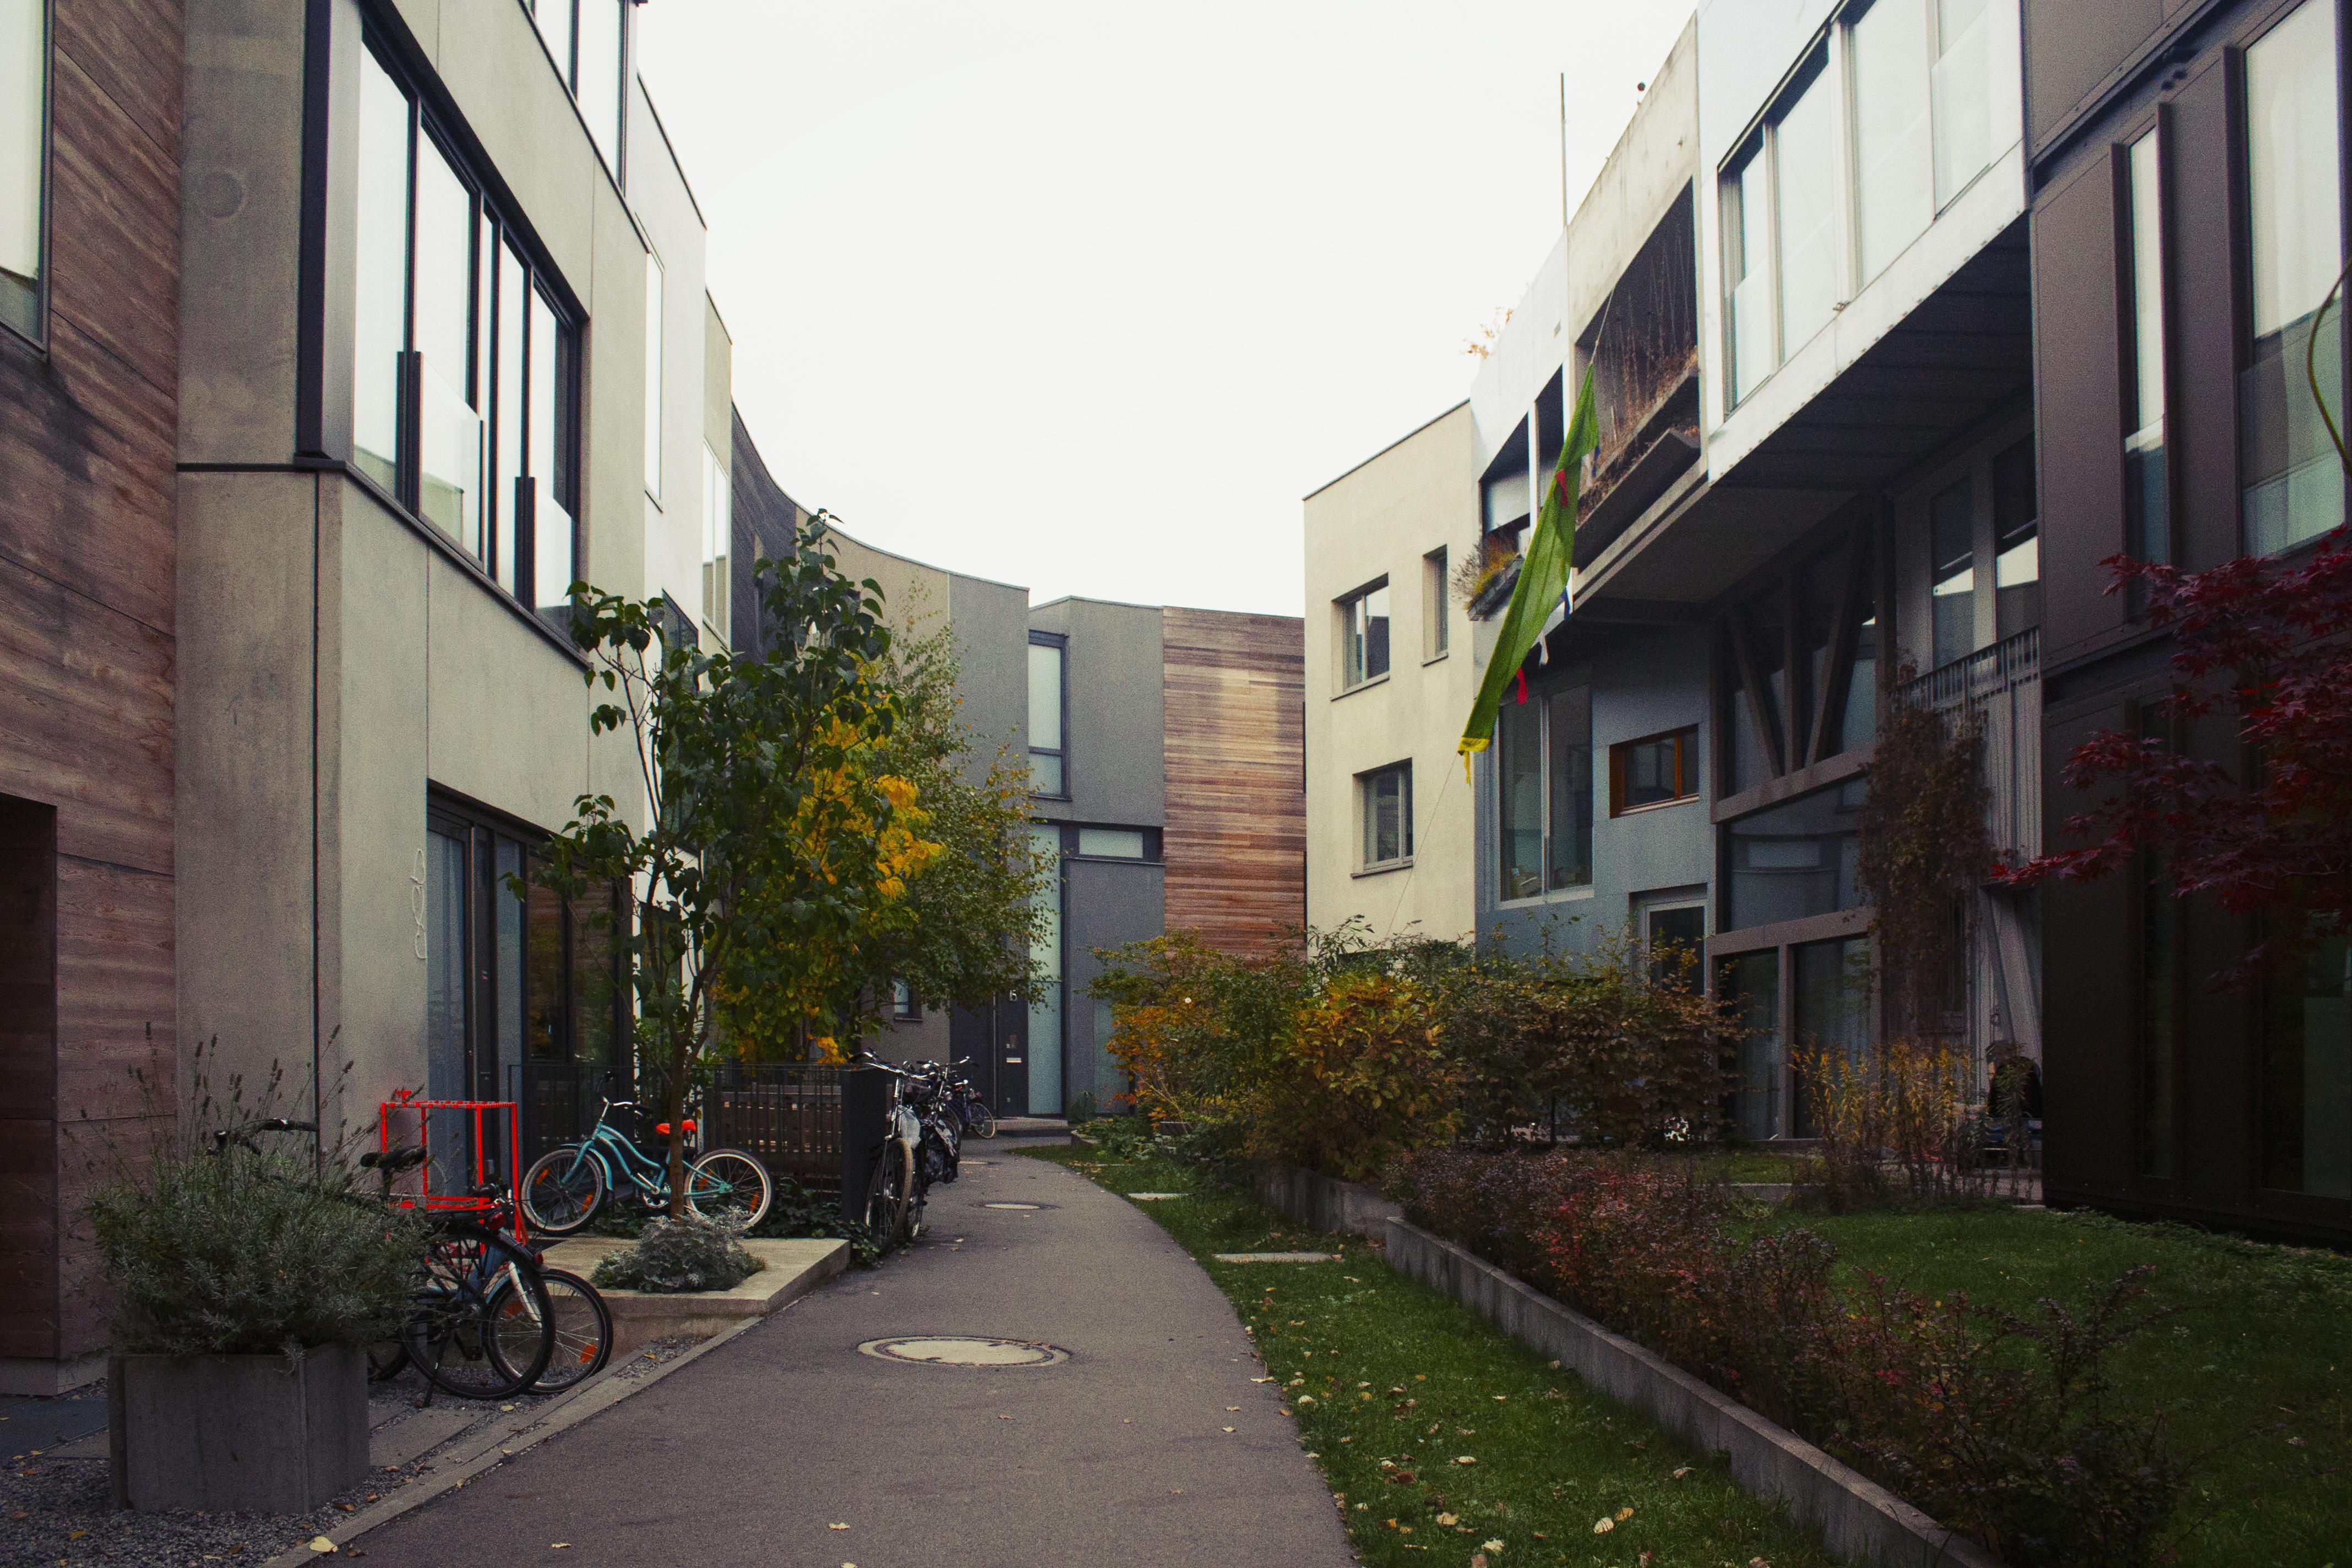 Berlin - Quality neighbourhood